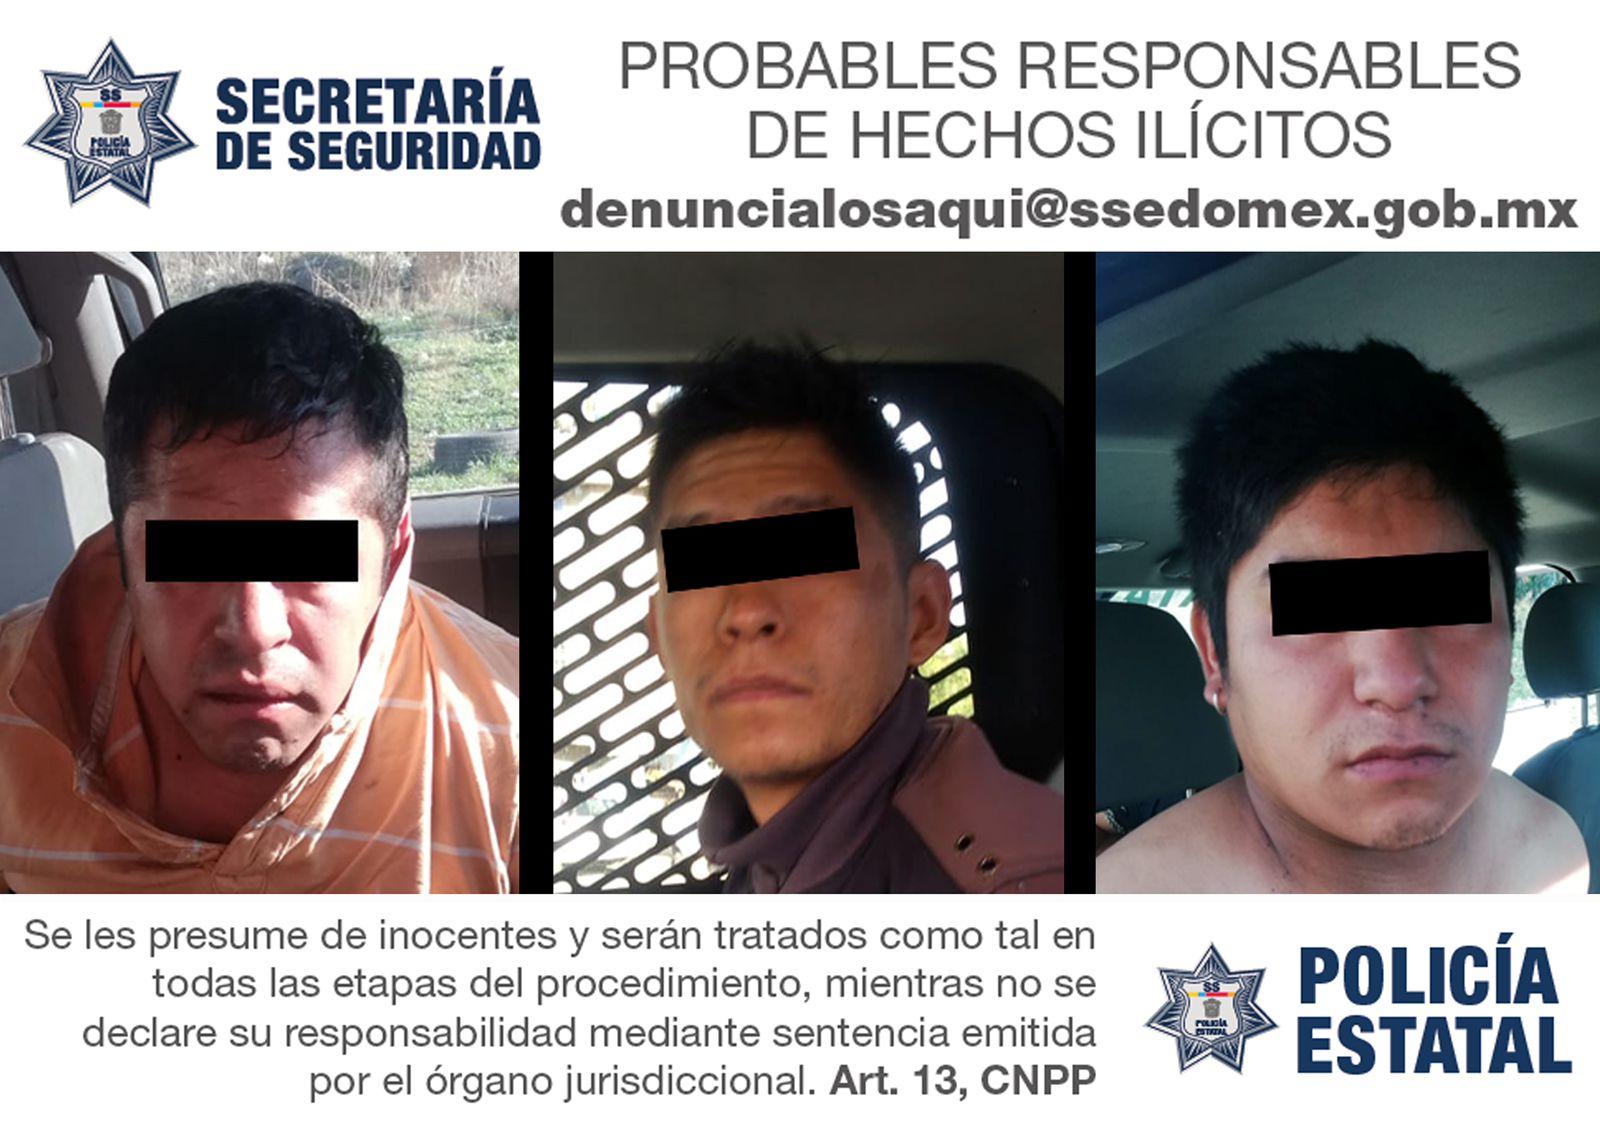 DETIENEN EN FLAGRANCIA A TRES PROBABLES IMPLICADOS DEL DELITO DE ROBO EQUIPARADO DE VEHÍCULO